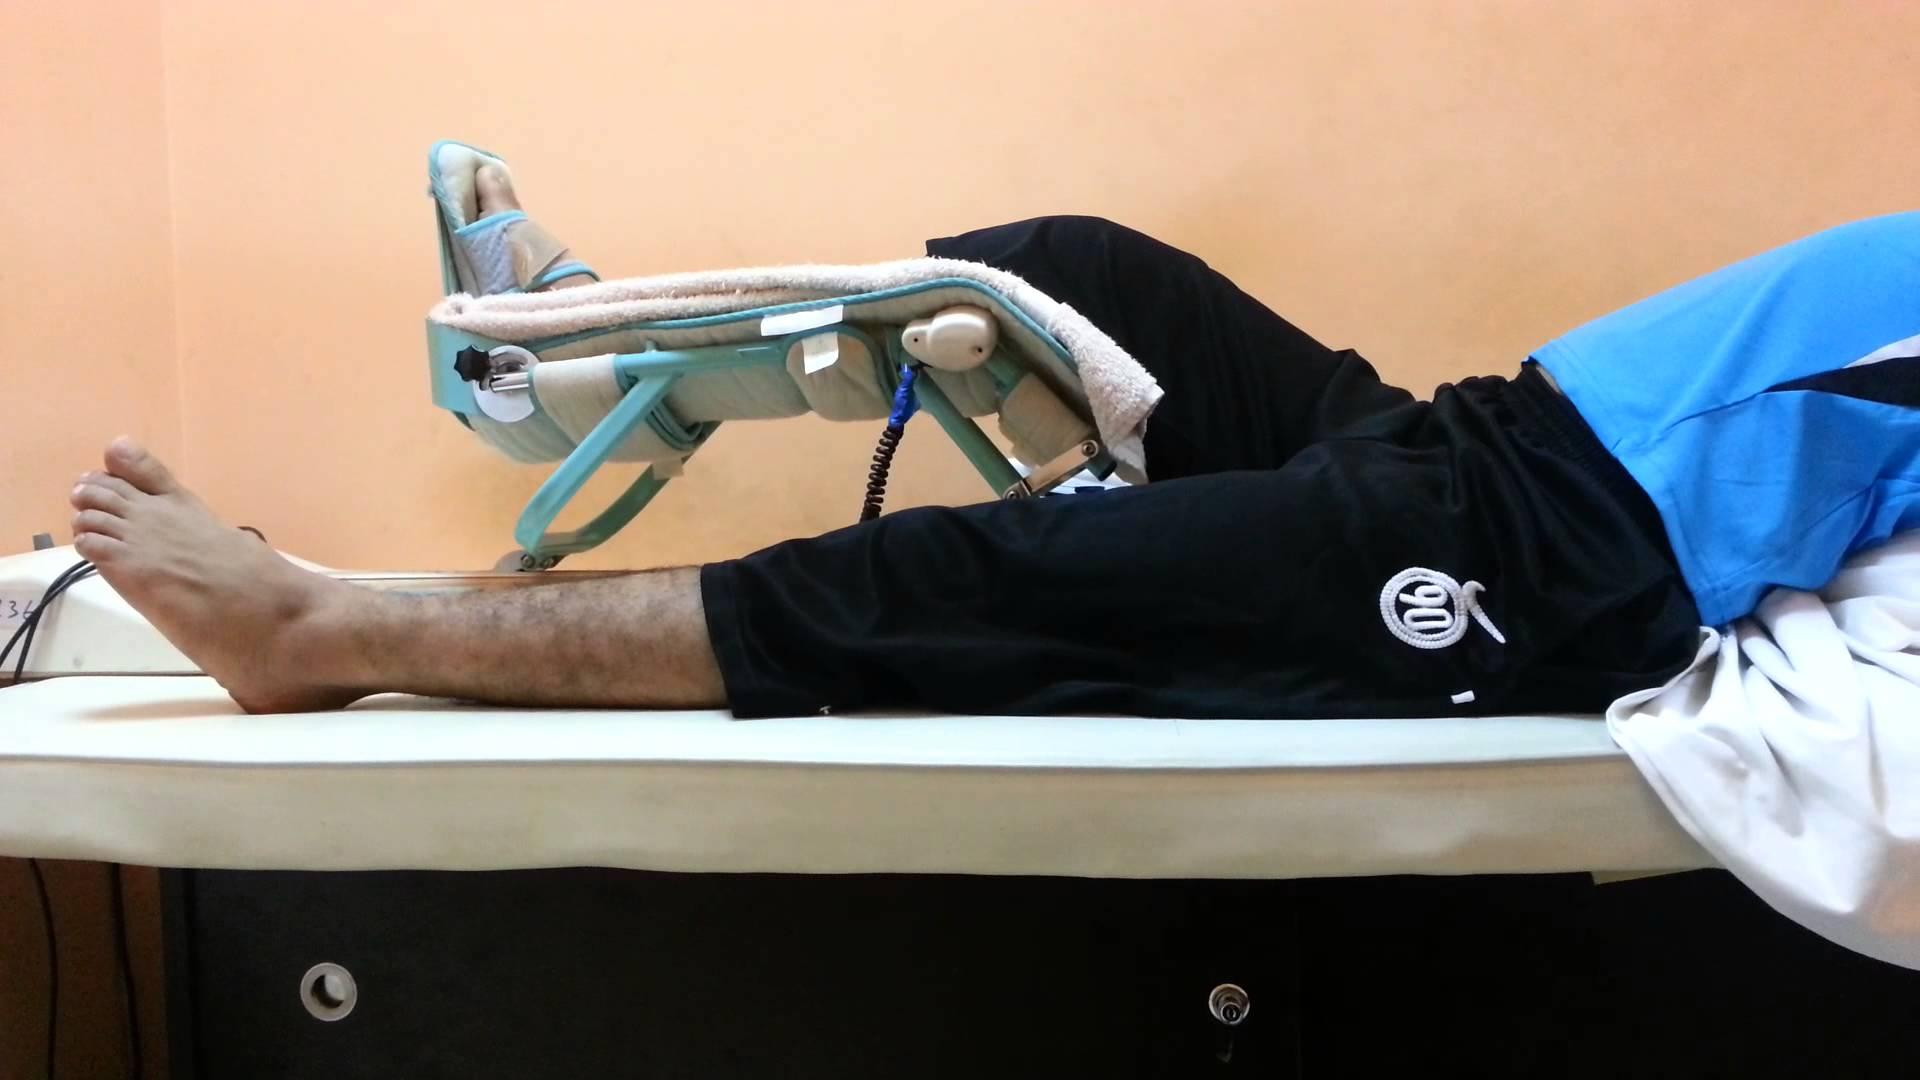 بالصور عملية الرباط الصليبي , العلاج من الرباط الصليبي وقله حدوثه 408